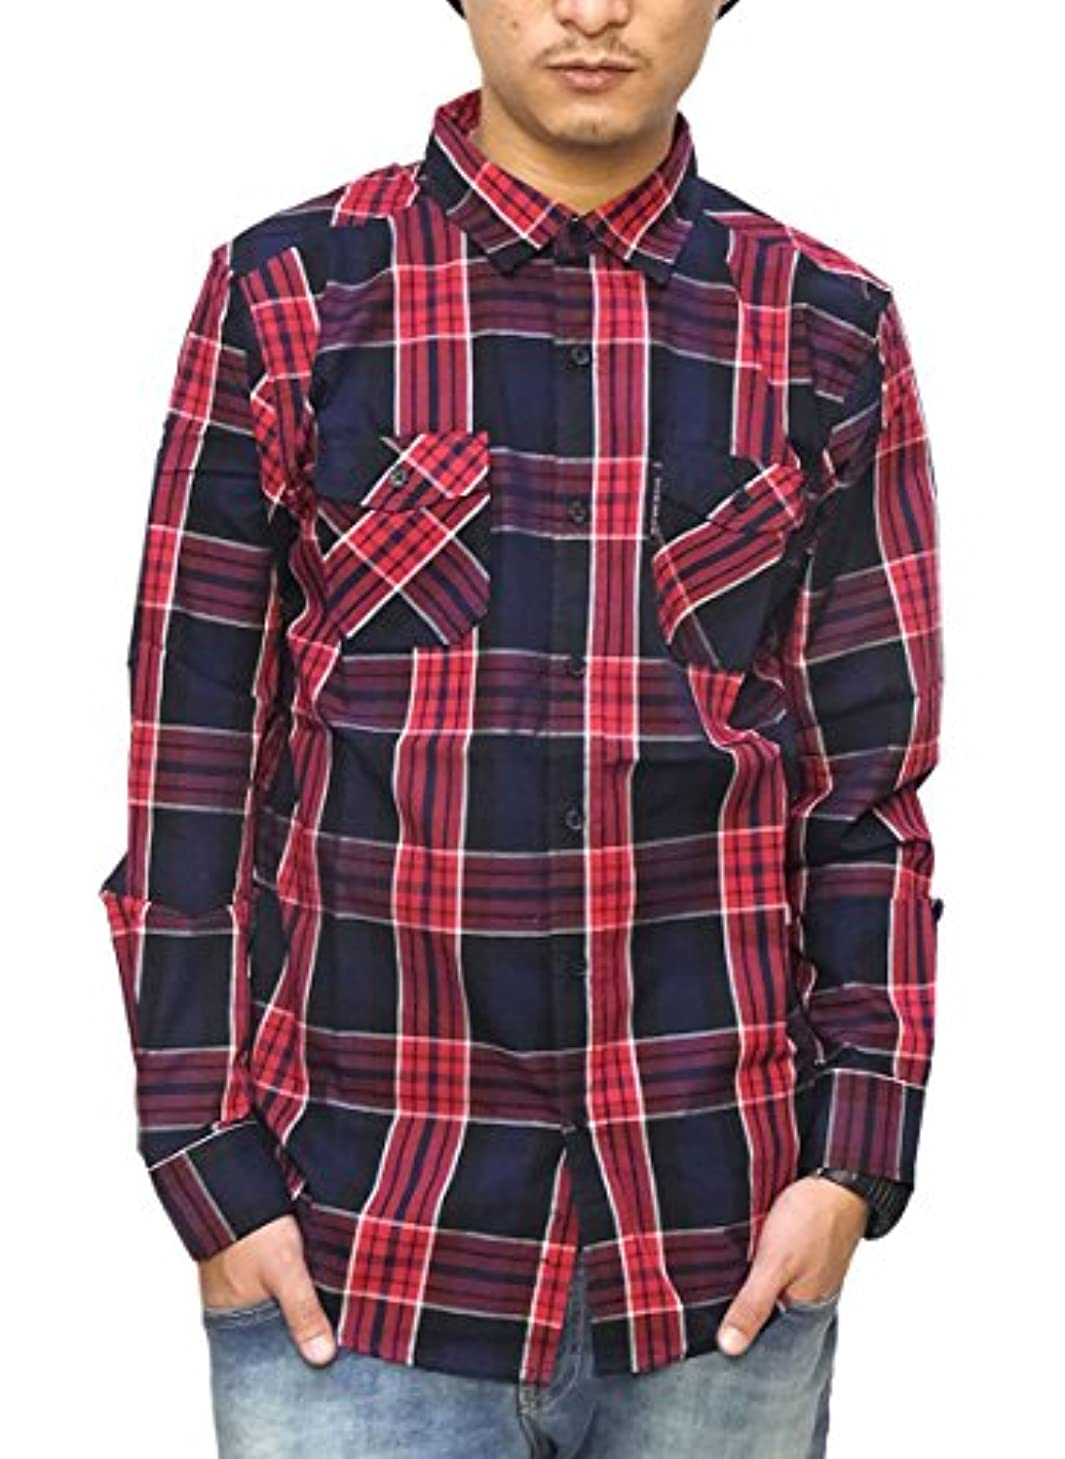 サイクロプス妖精弁護士(エコーアンリミテッド)Ecko Unltd チェックシャツ メンズ 長袖 2カラー MADISON LS WOVEN カジュアル アメカジ 大きいサイズ b系 ストリート系 ファッション